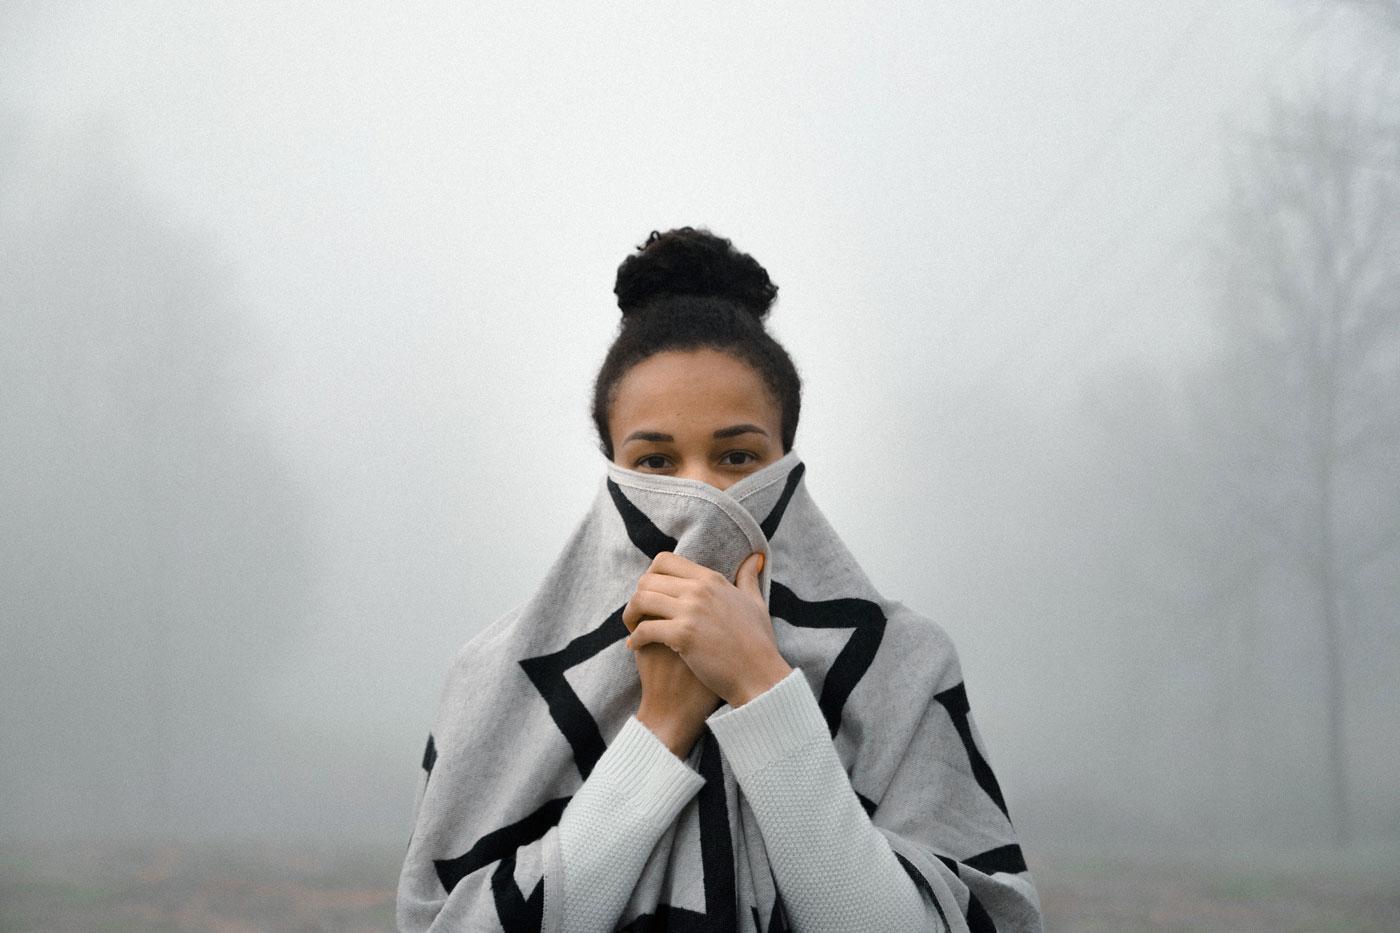 🧣 Вчені створили унікальний шарф, котрий може замінити медичні маски